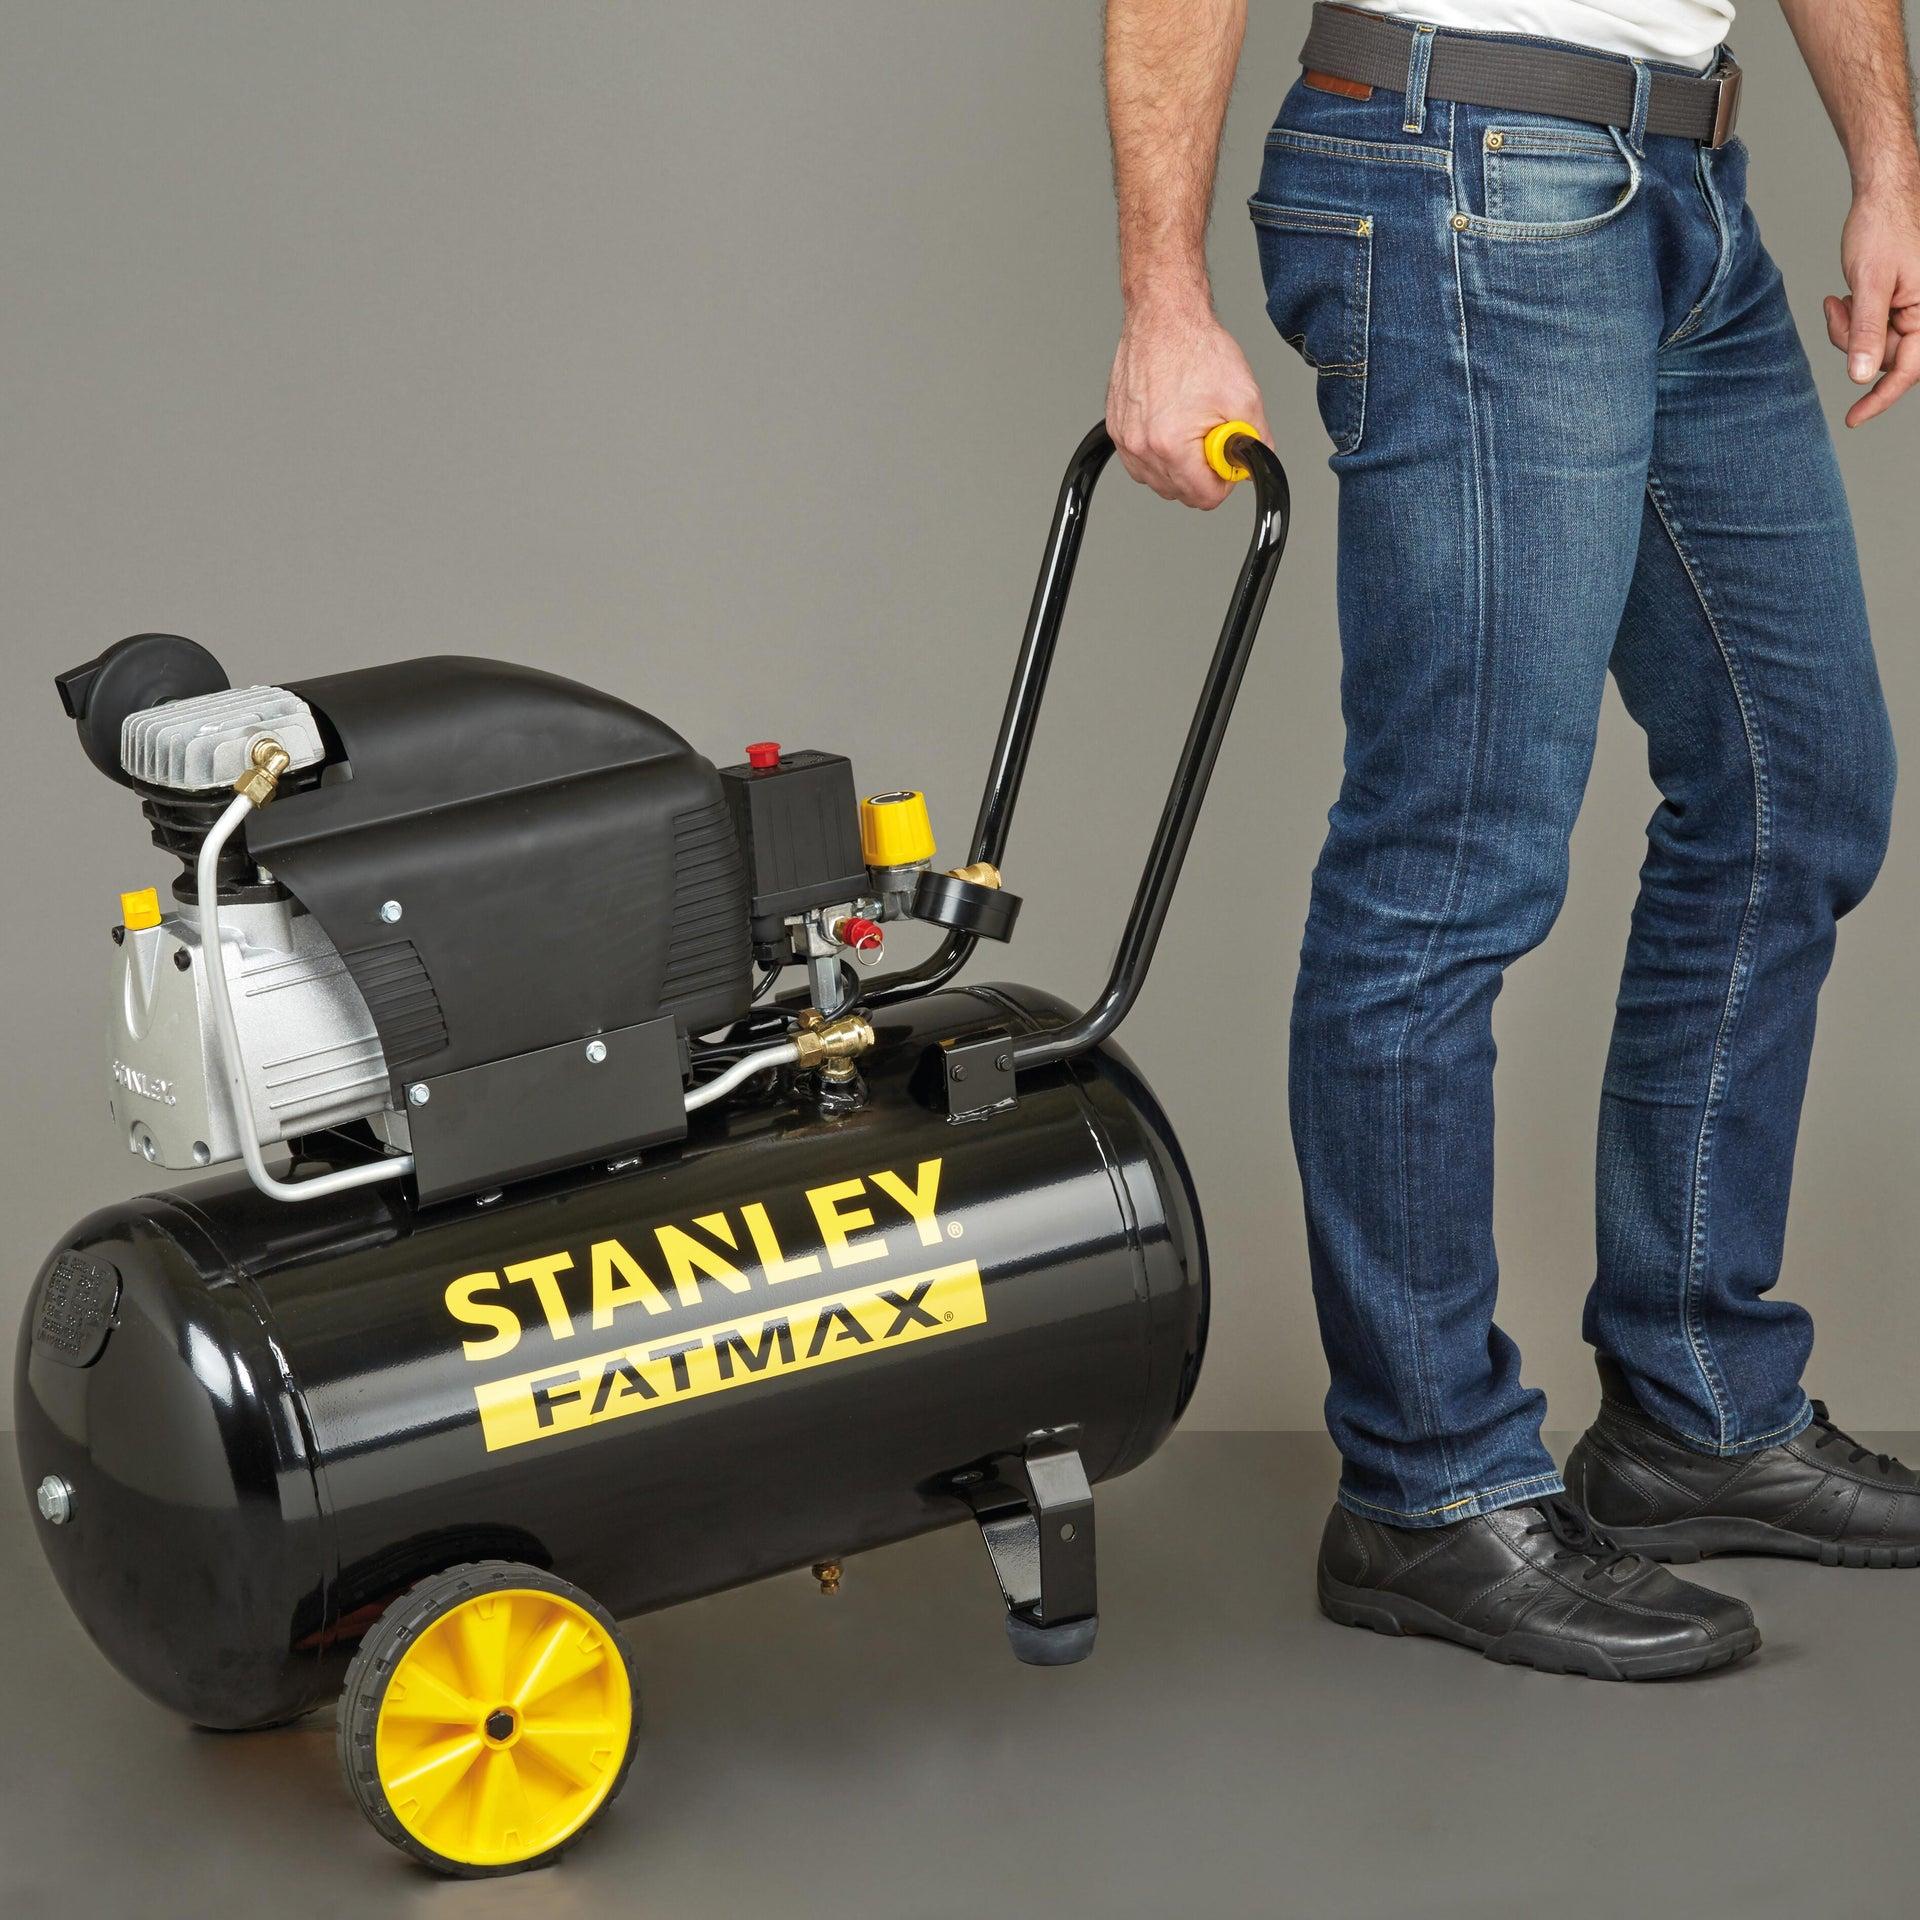 Compressore ad olio STANLEY FATMAX D251/10/50S, 2.5 hp, 10 bar, 50 L - 4